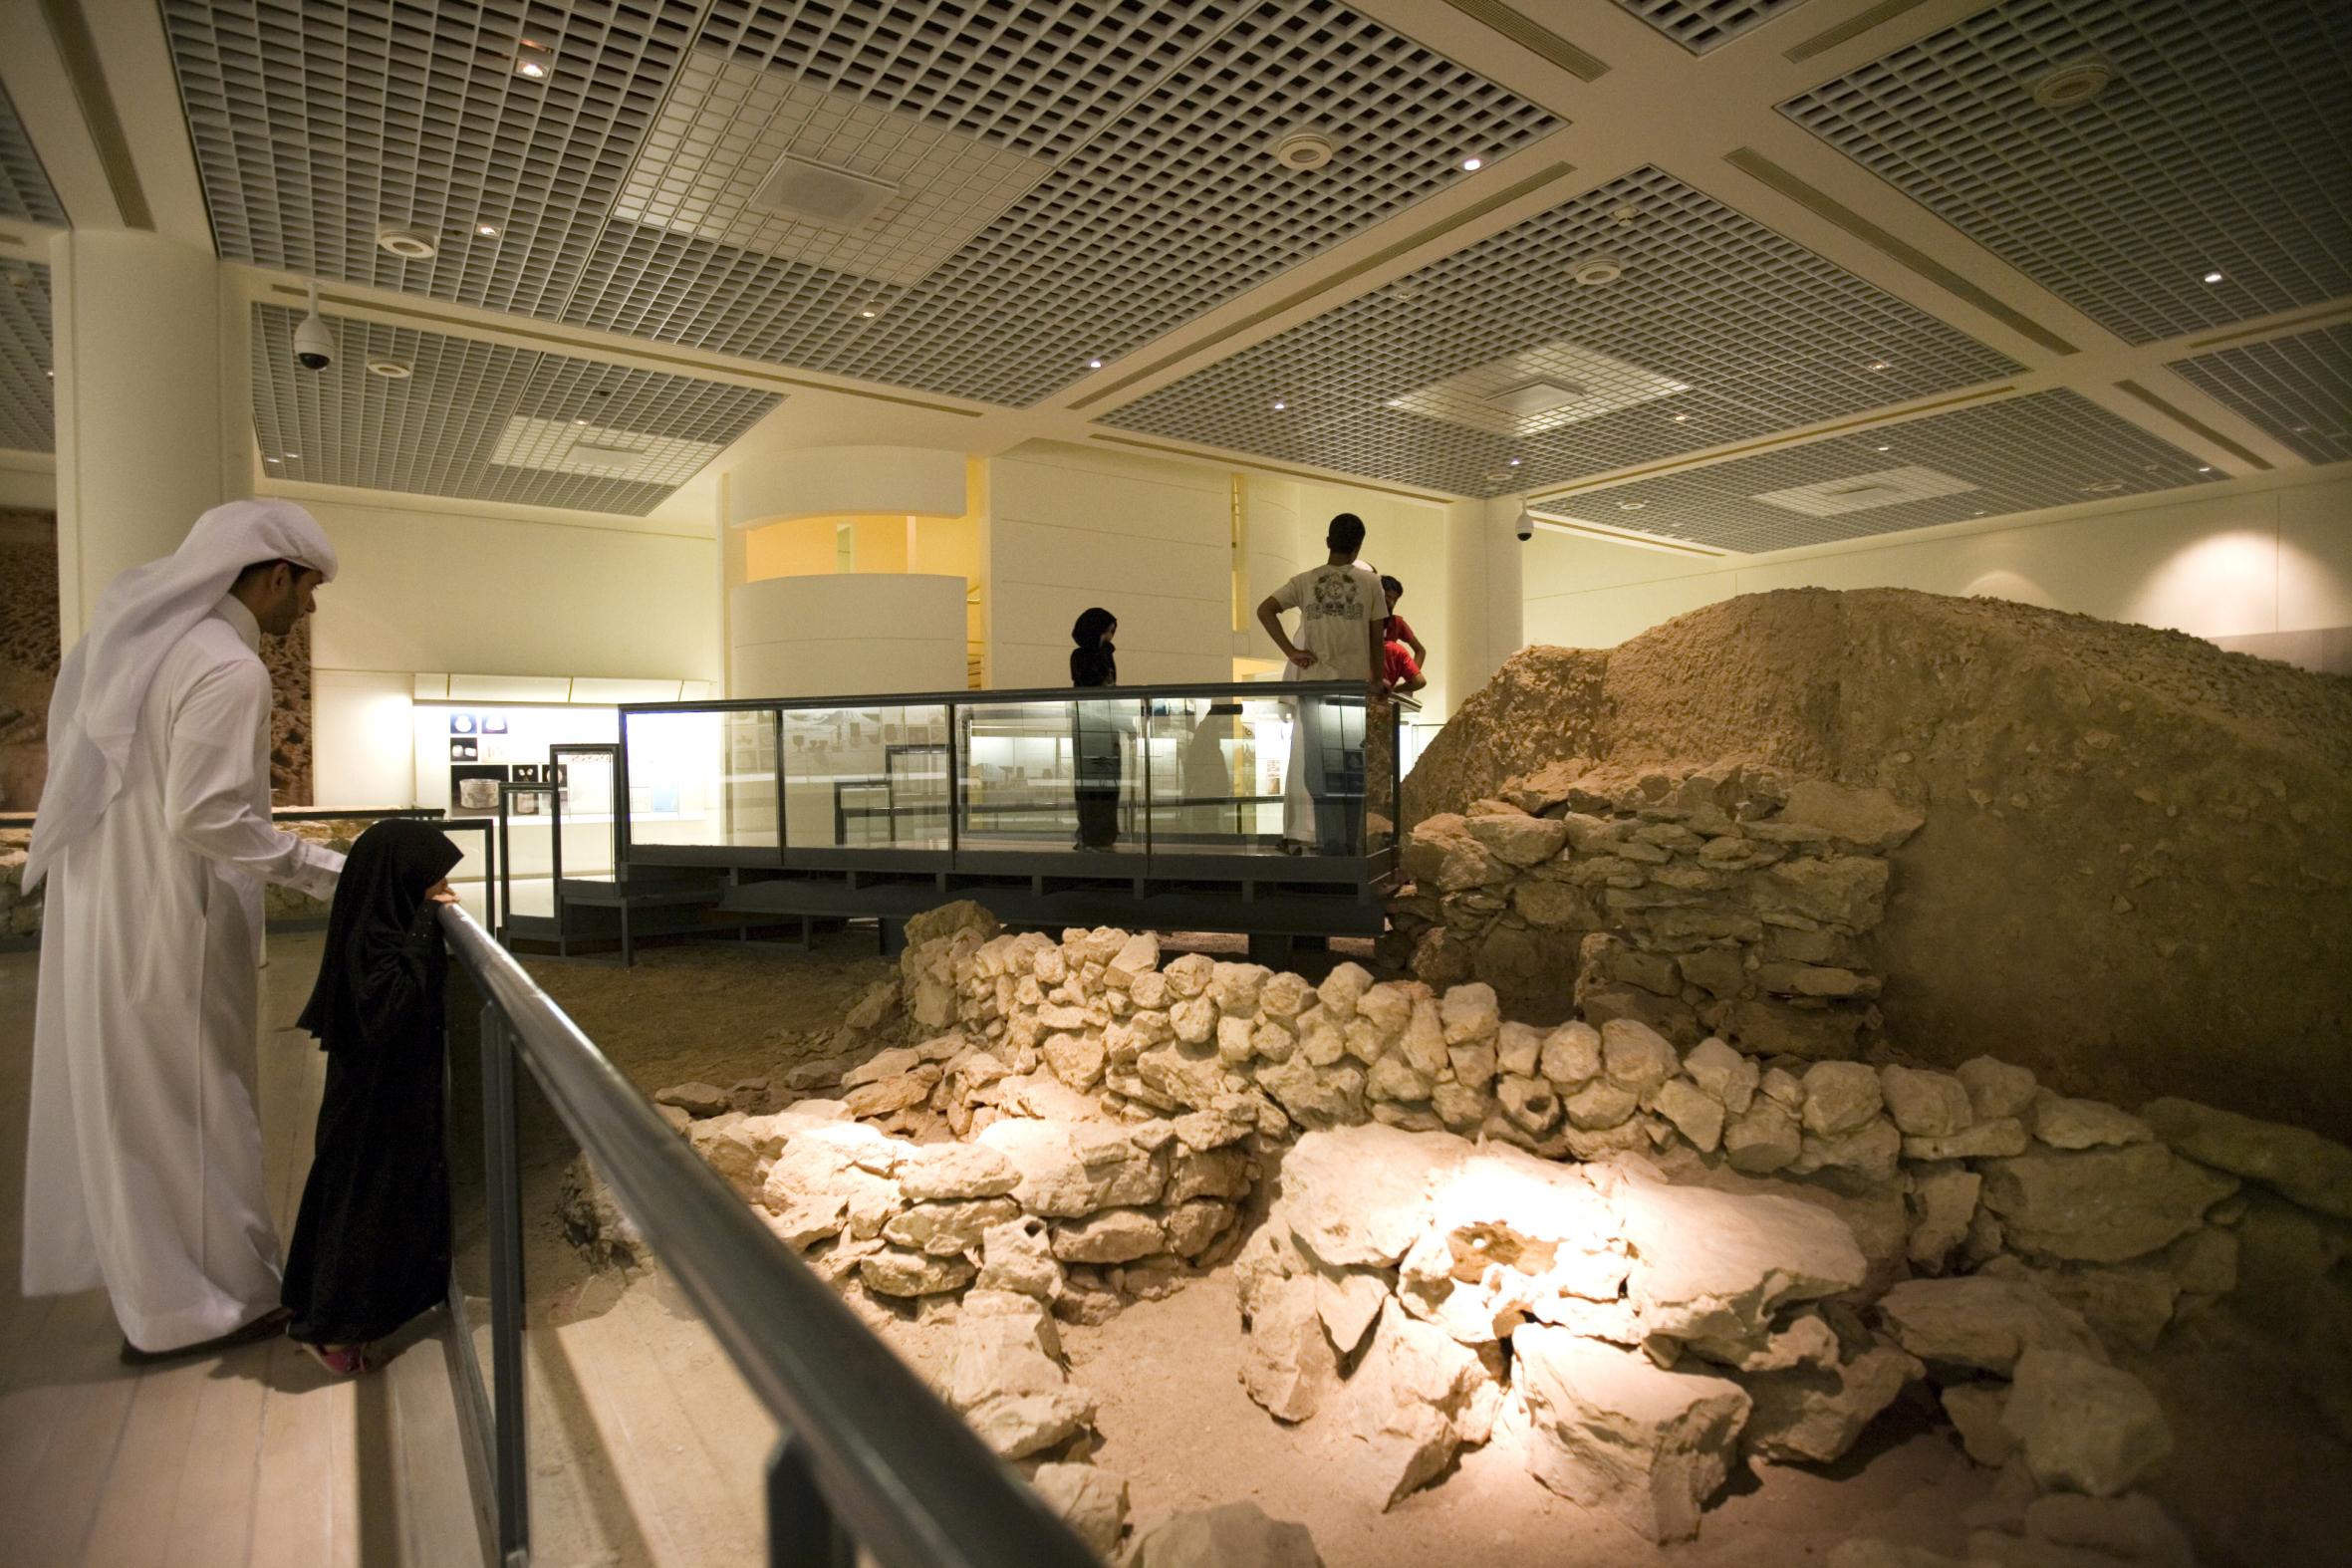 ผลการค้นหารูปภาพสำหรับ Bahrain National Museum lonely